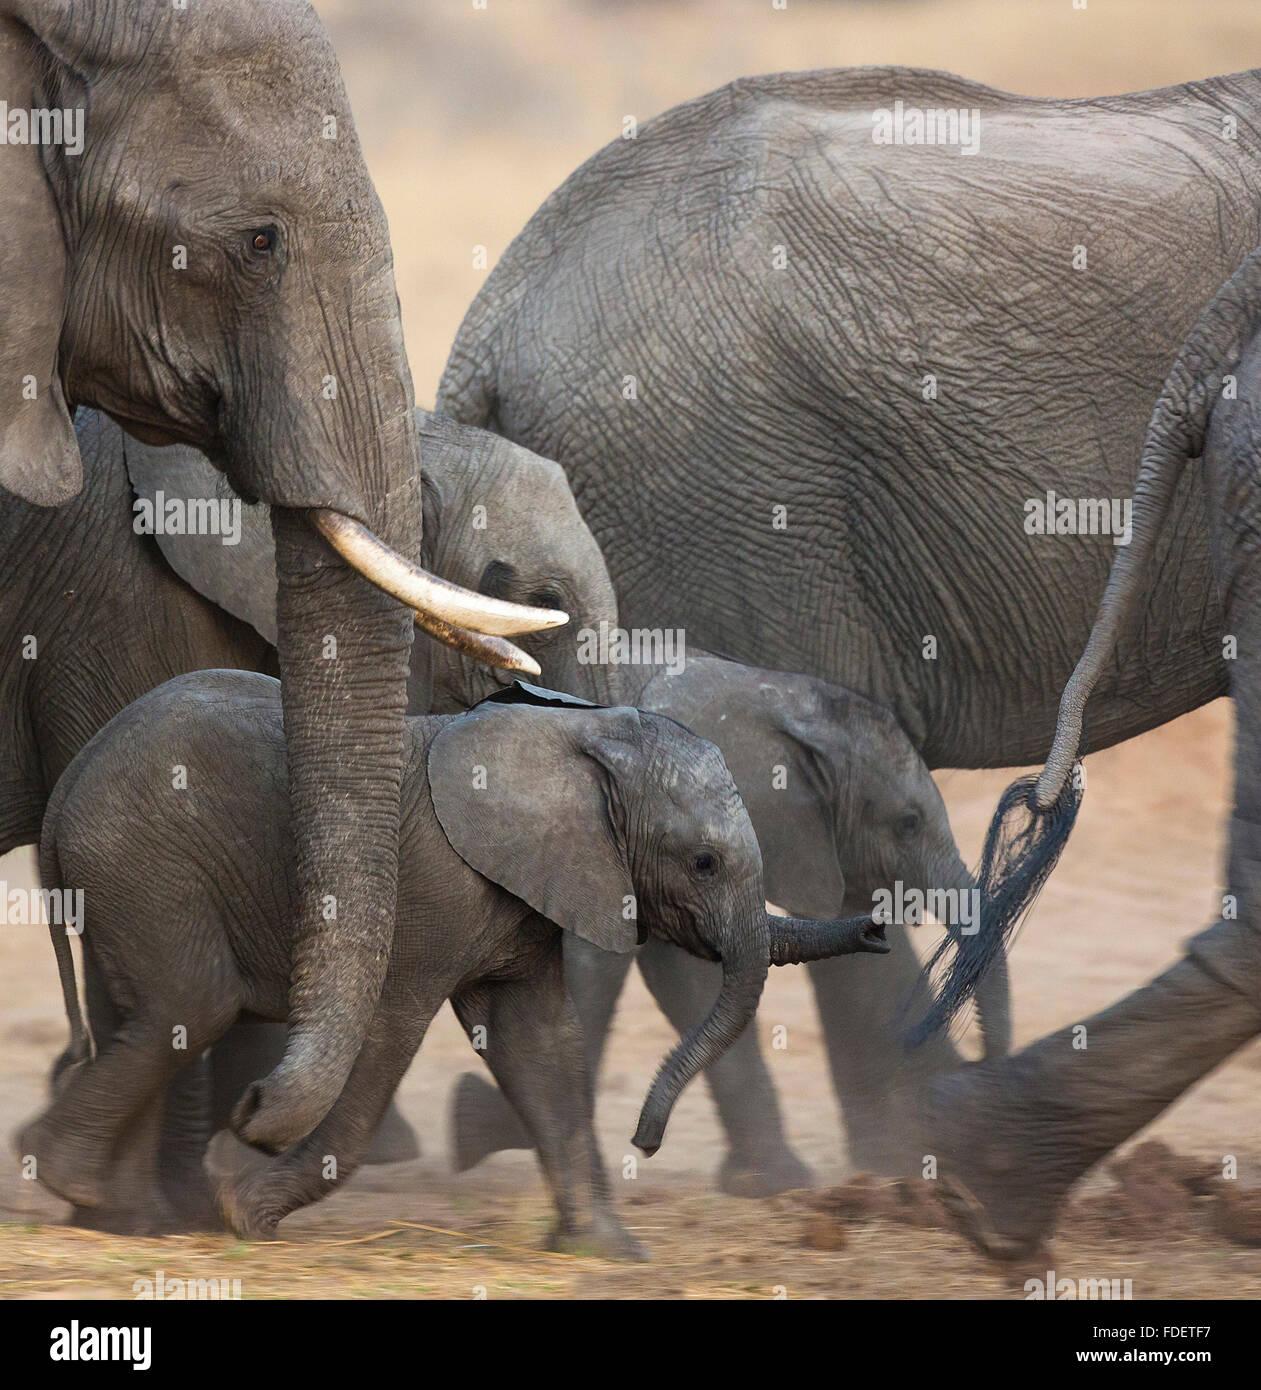 Nahaufnahme eines Baby-Elefanten zu Fuß mitten in einer Zucht-Herde in Bewegung, Stockbild